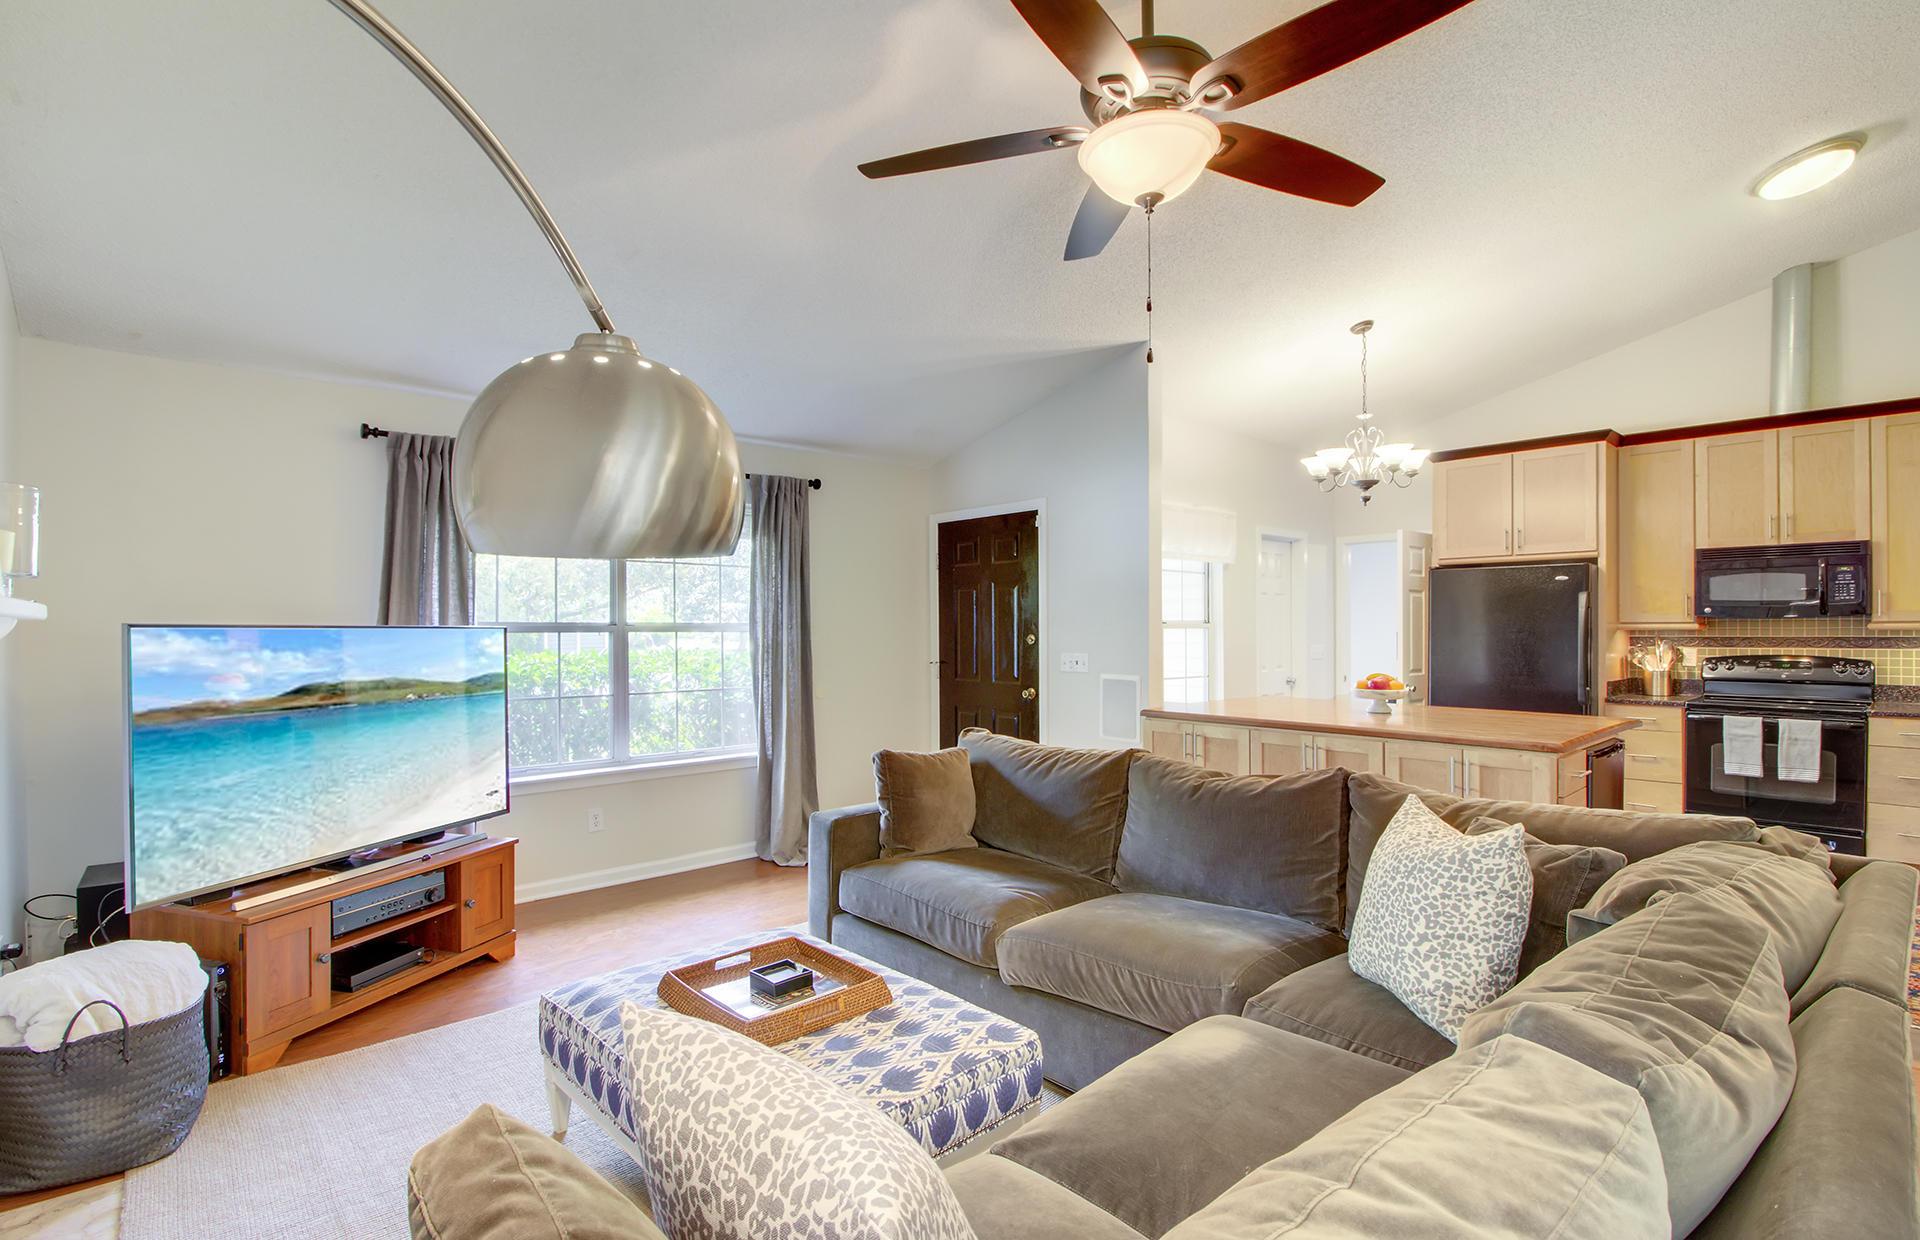 Willow Walk Homes For Sale - 1157 Oakcrest, Charleston, SC - 33